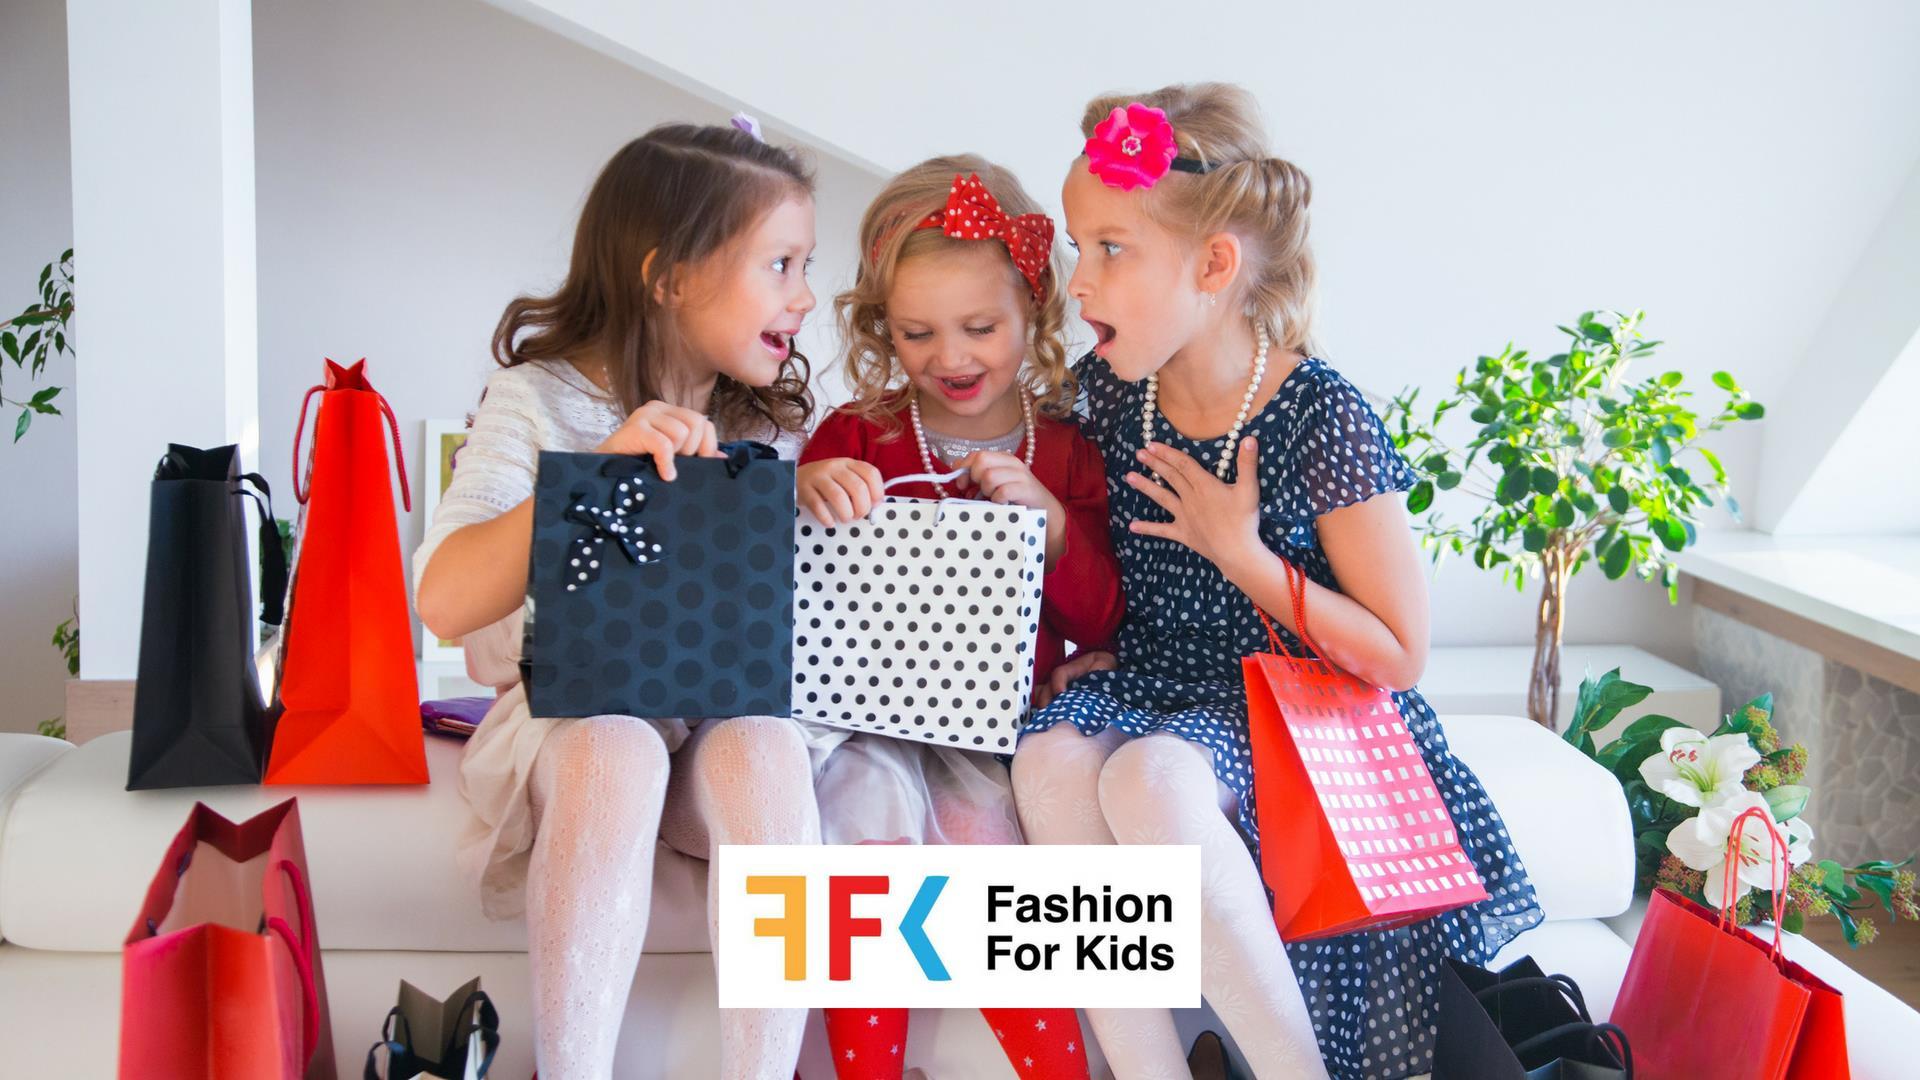 Targi Fashion For Kids w Kielcach